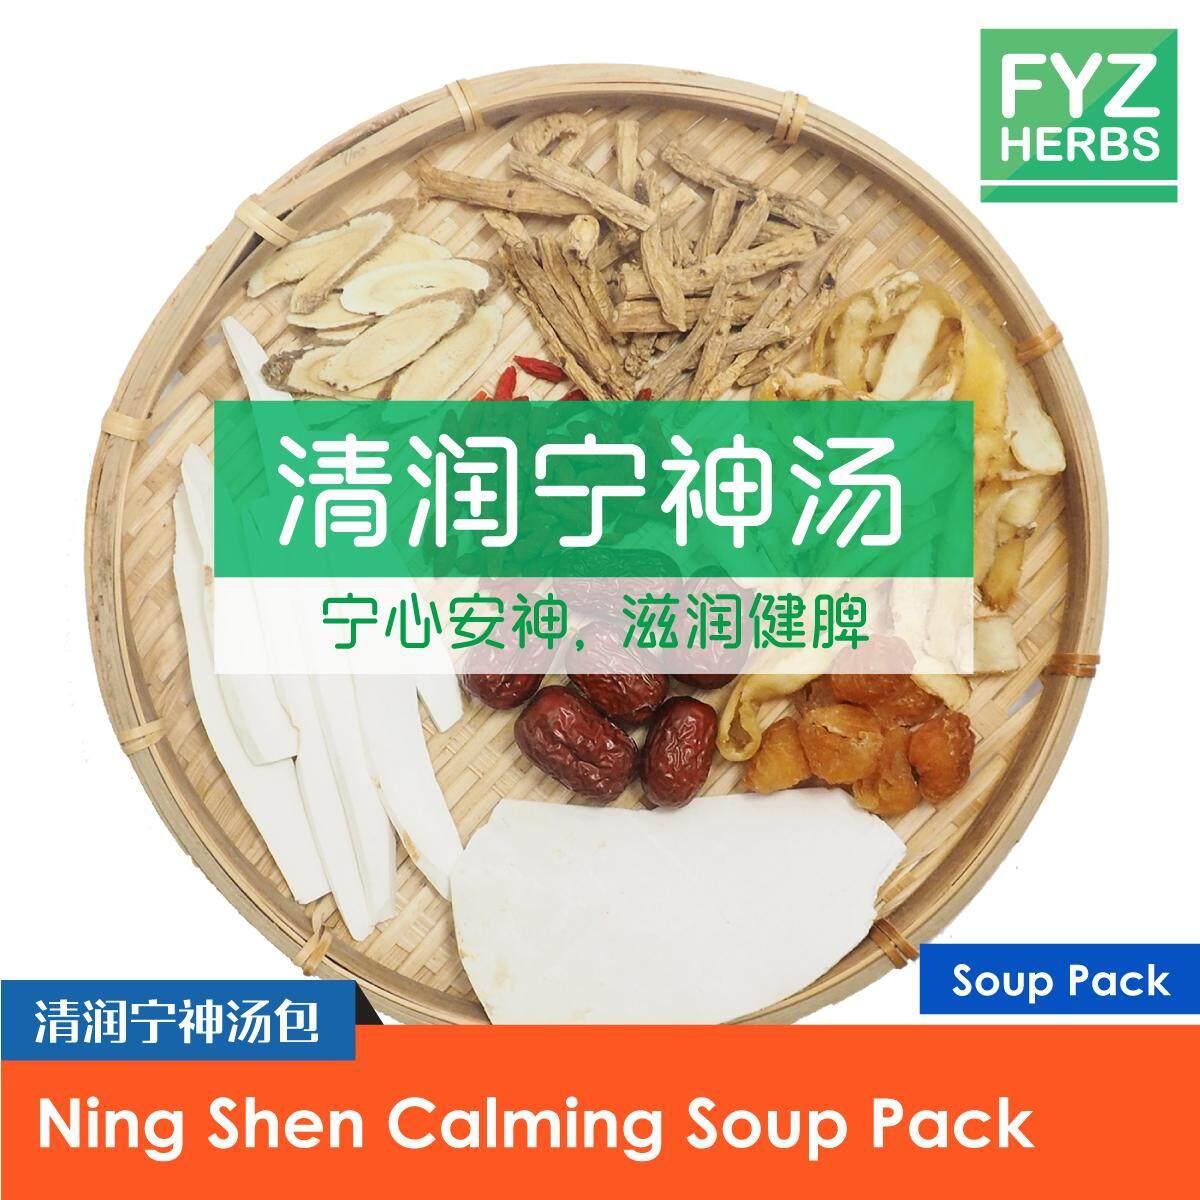 FYZ Herbs Ning Shen Calming Soup Pack 清润宁神汤